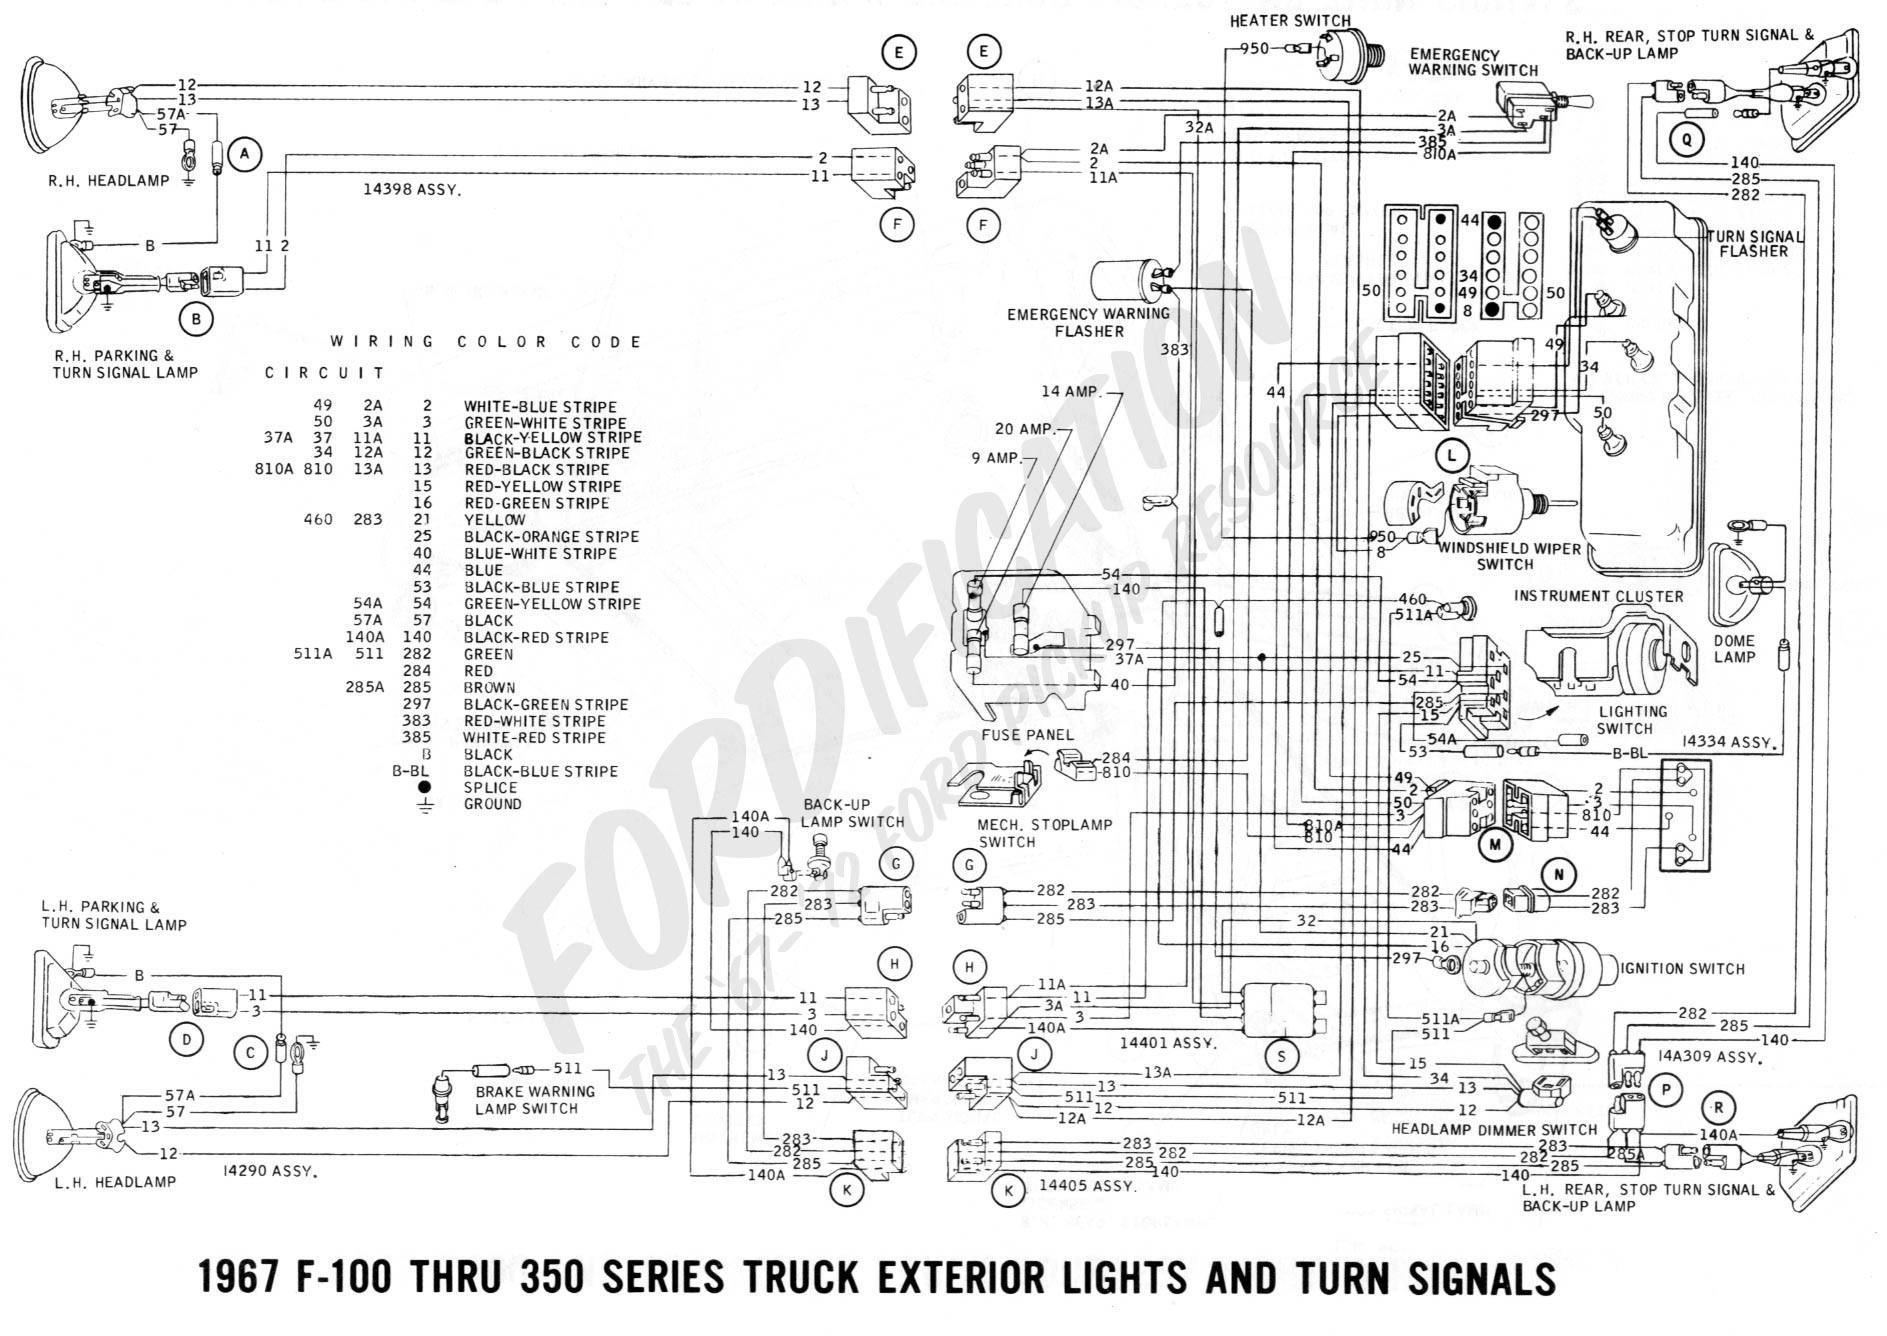 Turn Signal Wiring Diagram Motorcycle Turn Signal Wiring